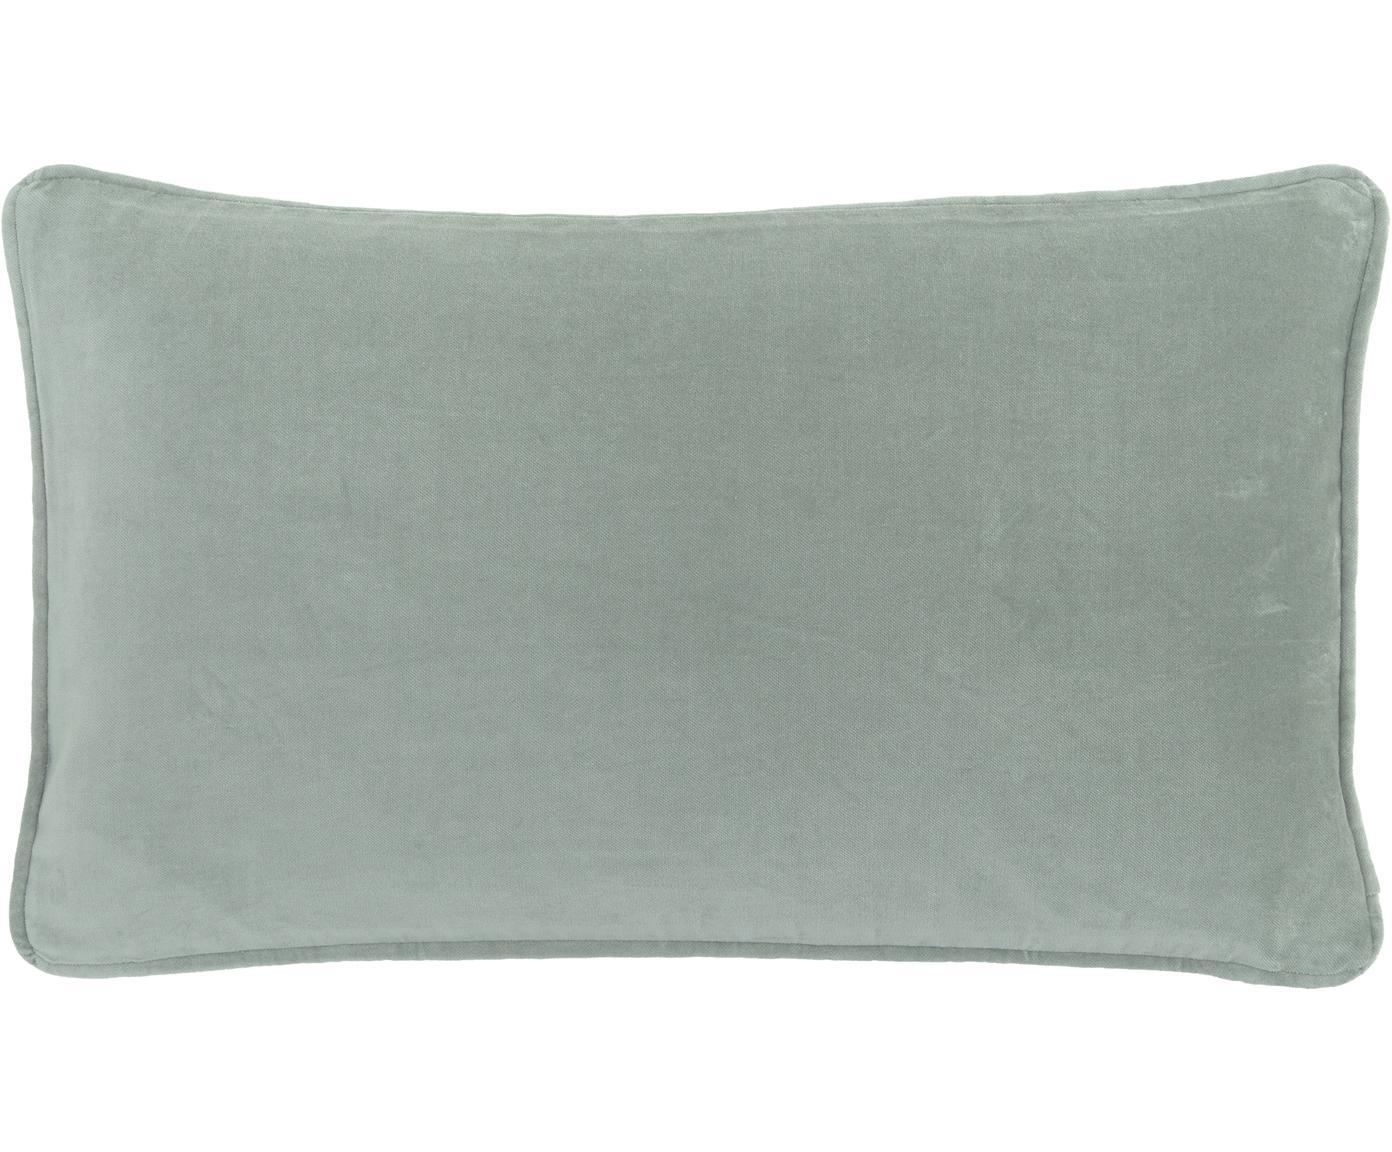 Funda de cojín de terciopelo Dana, Terciopelo de algodón, Verde salvia, An 30 x L 50 cm